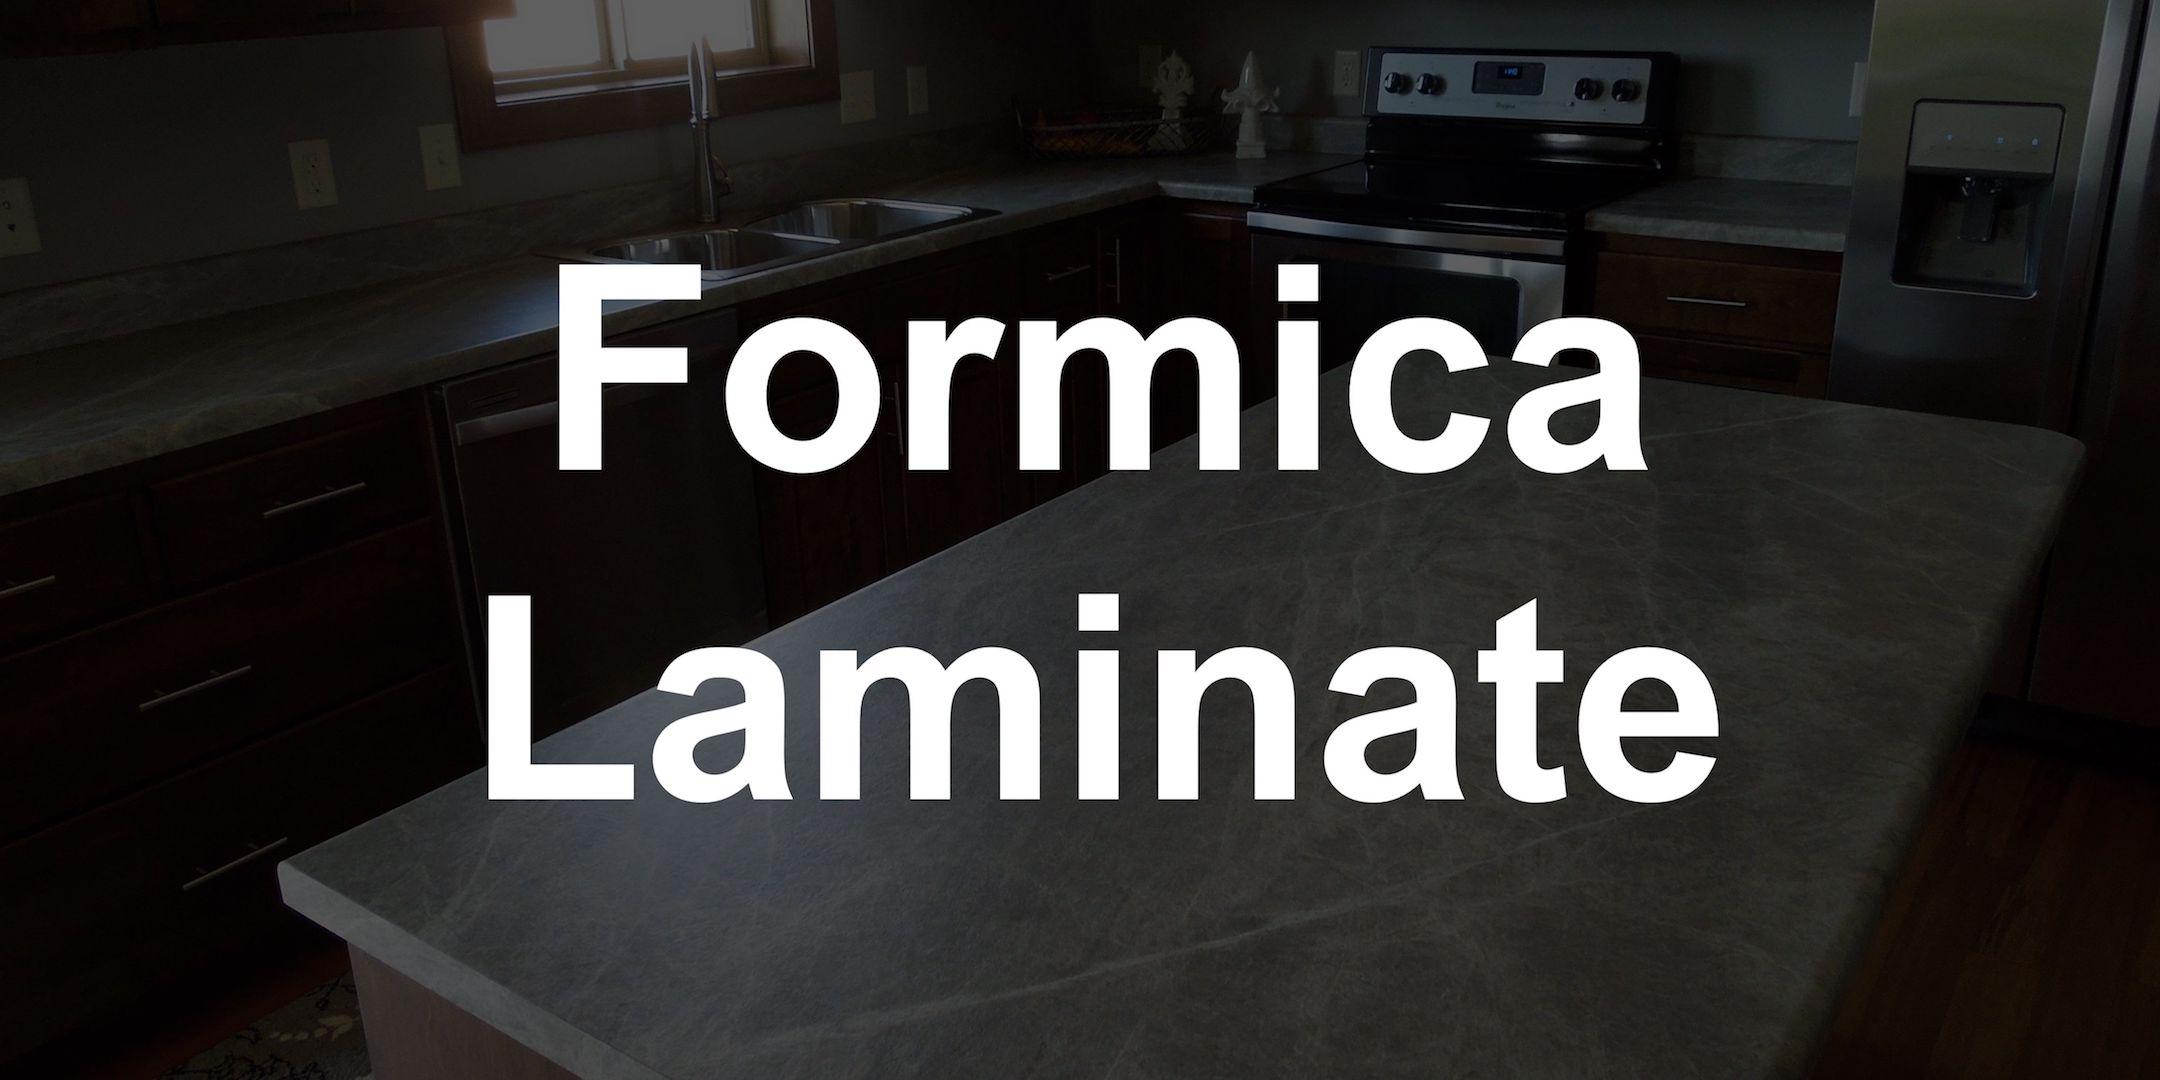 Formica Laminate.jpg